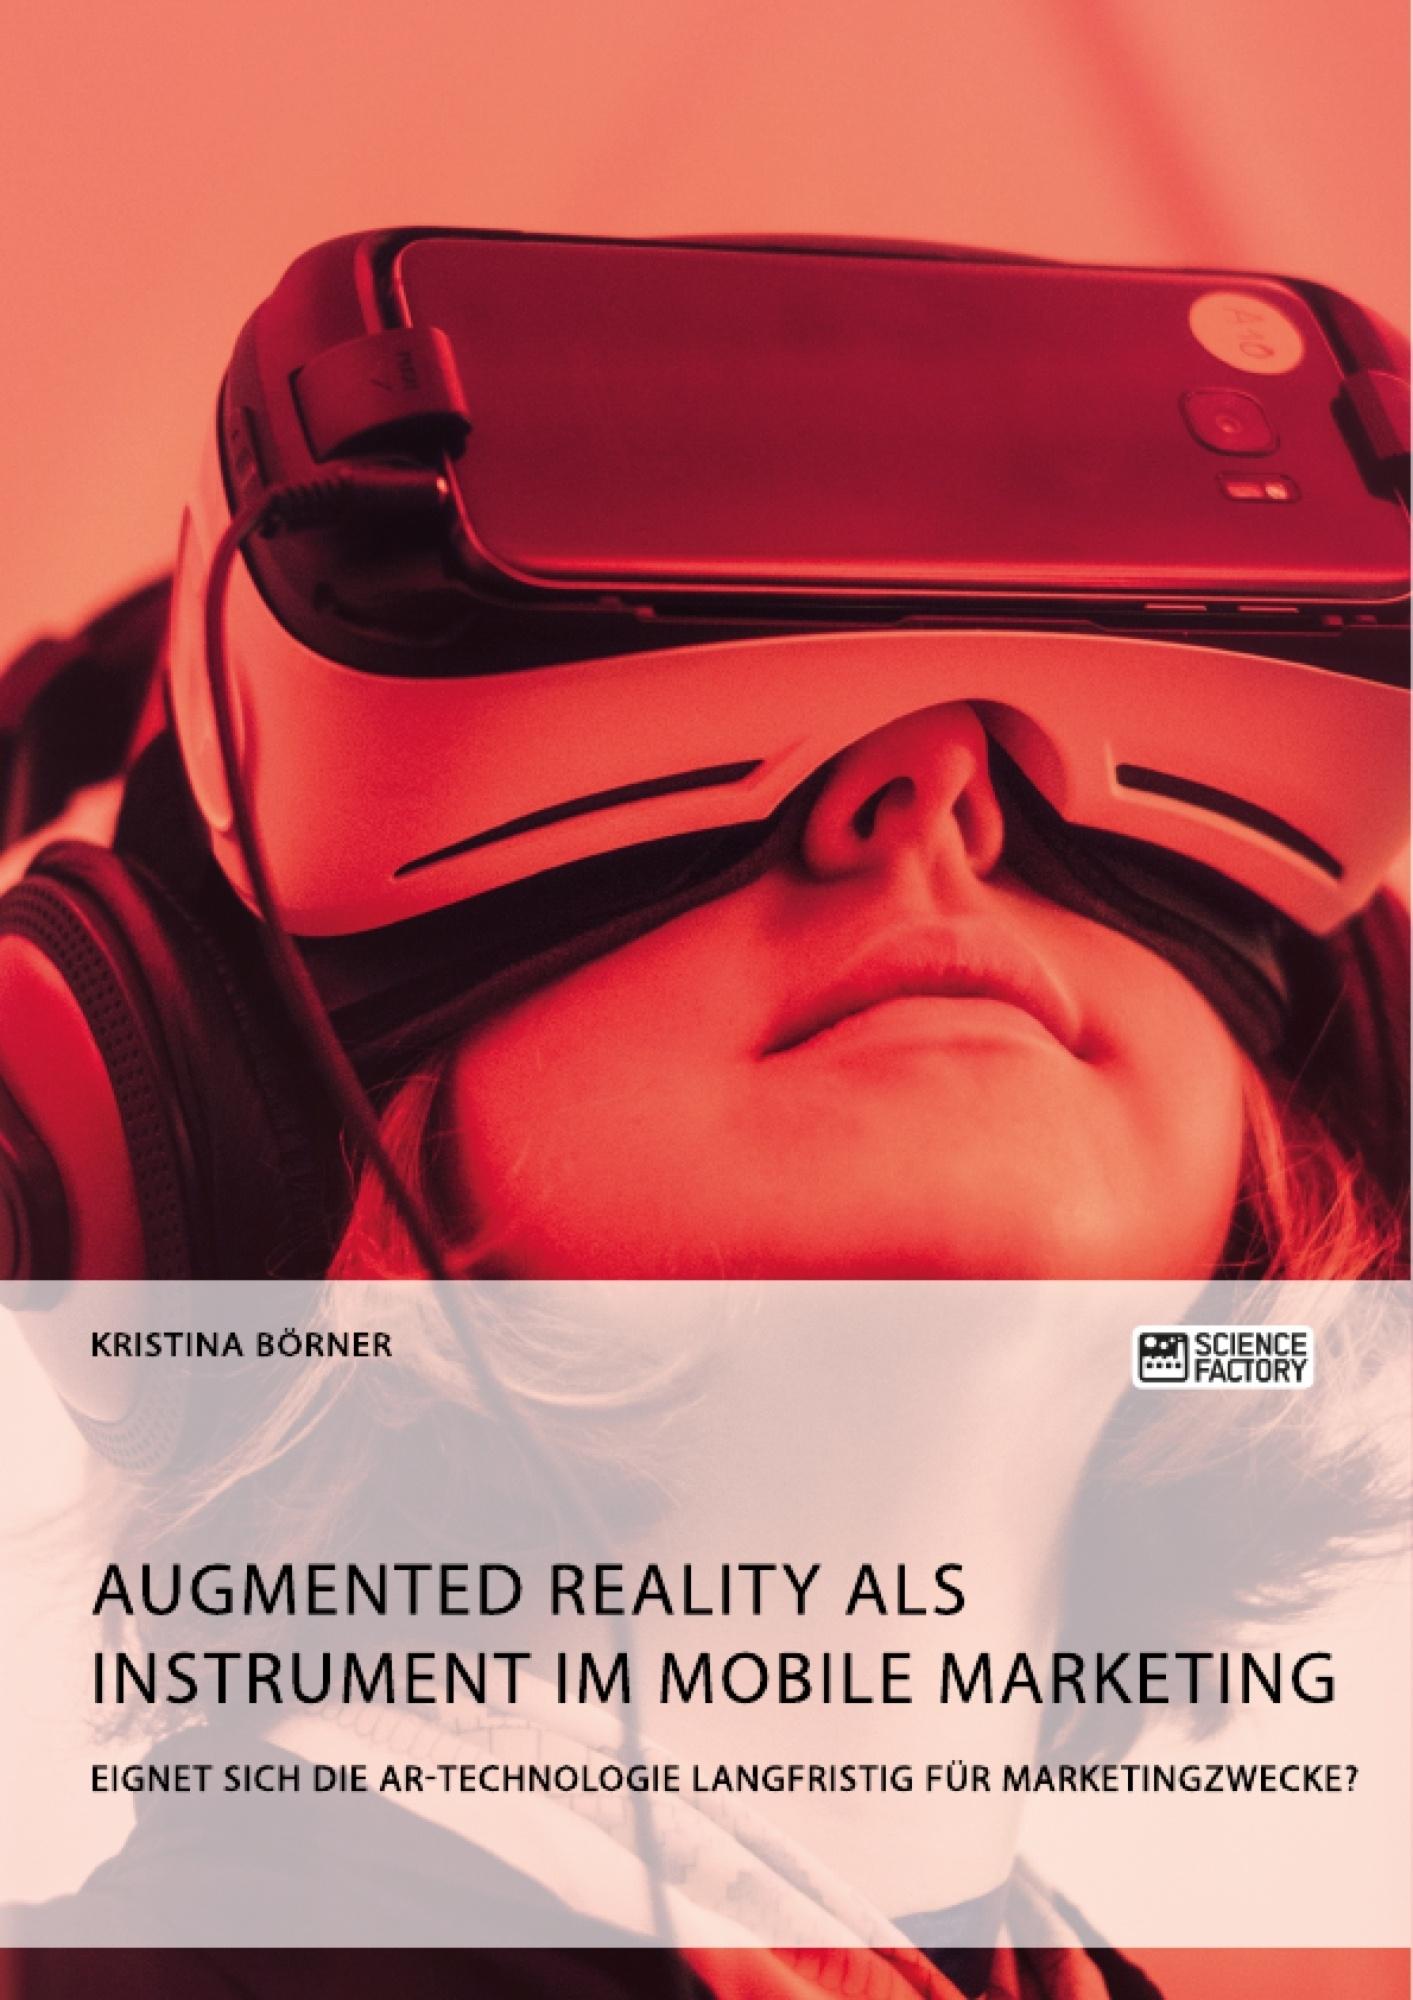 Titel: Augmented Reality als Instrument im Mobile Marketing. Eignet sich die AR-Technologie langfristig für Marketingzwecke?